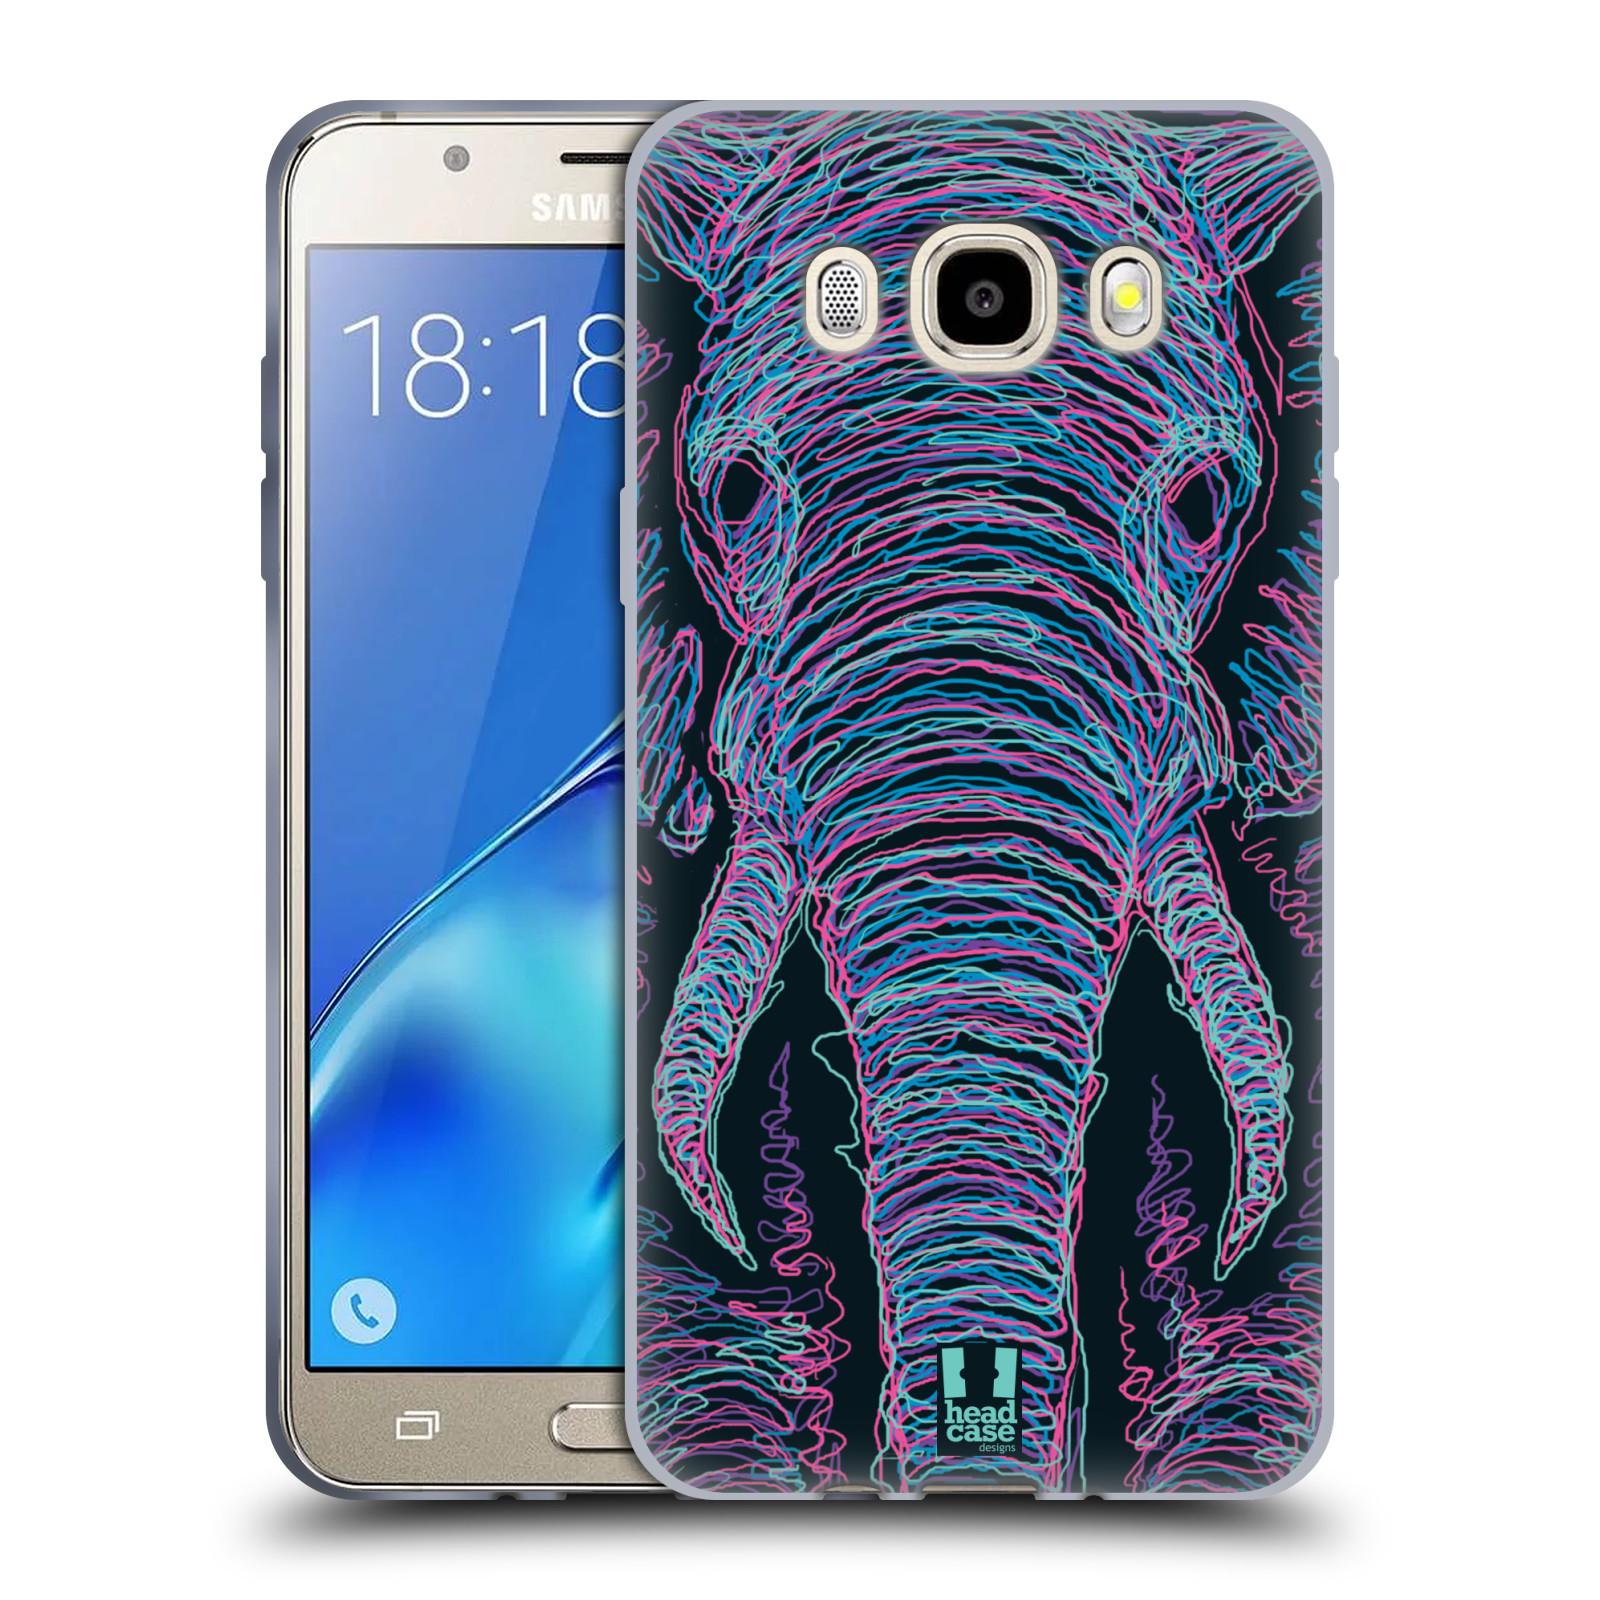 HEAD CASE silikonový obal, kryt na mobil Samsung Galaxy J5 2016, J510, J510F, (J510F DUAL SIM) vzor zvíře čmáranice slon